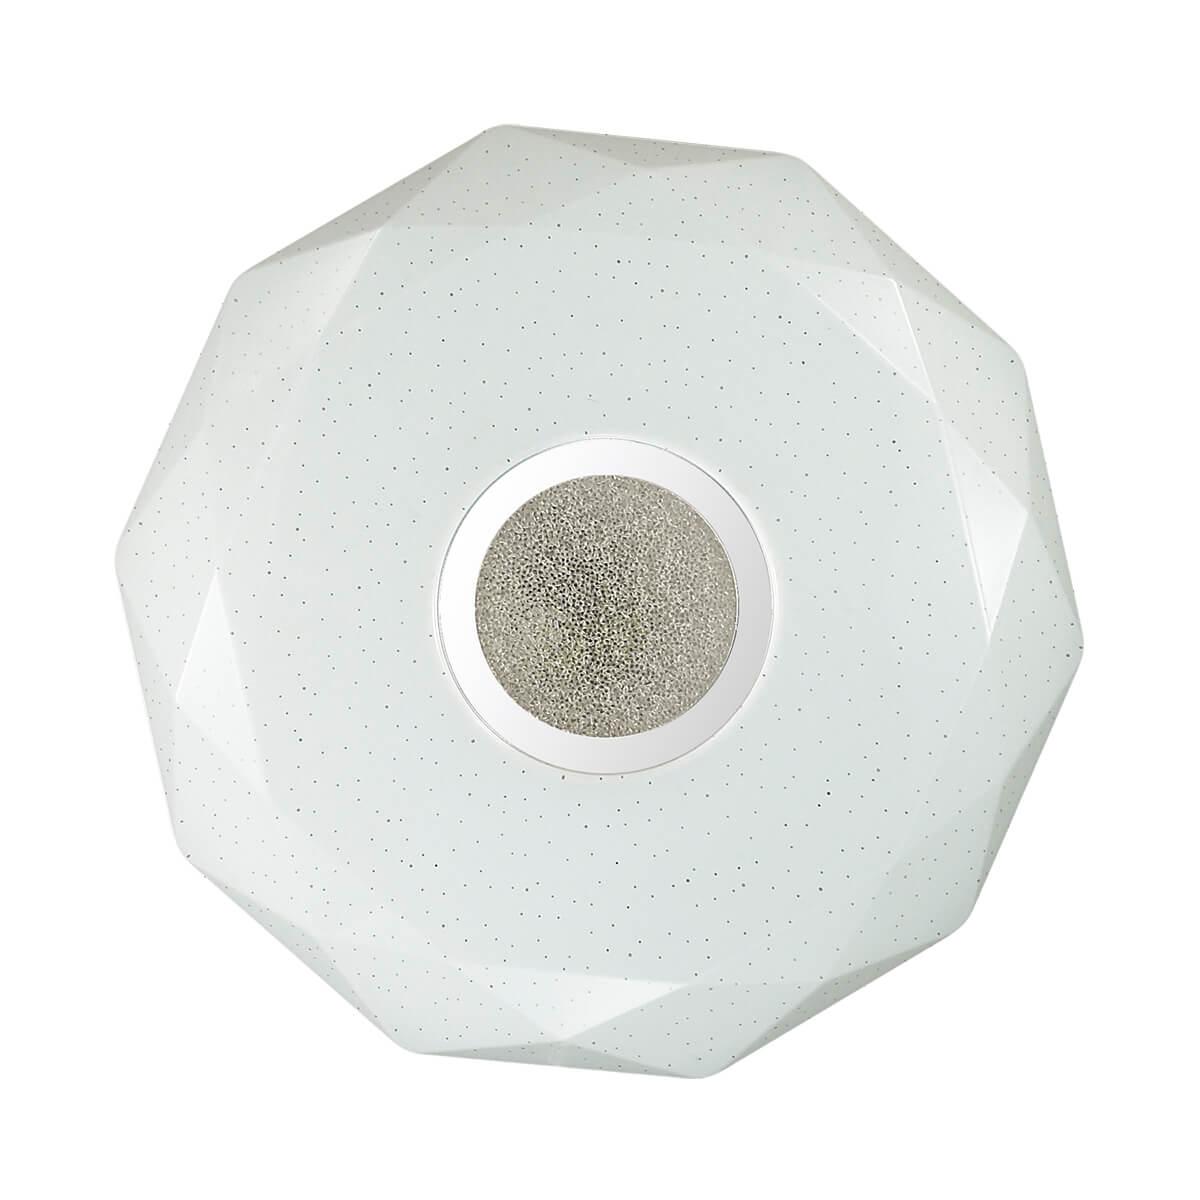 Настенно-потолочный светодиодный светильник Sonex Prisa 2057/DL sonex настенно потолочный светильник sonex prisa 2057 dl